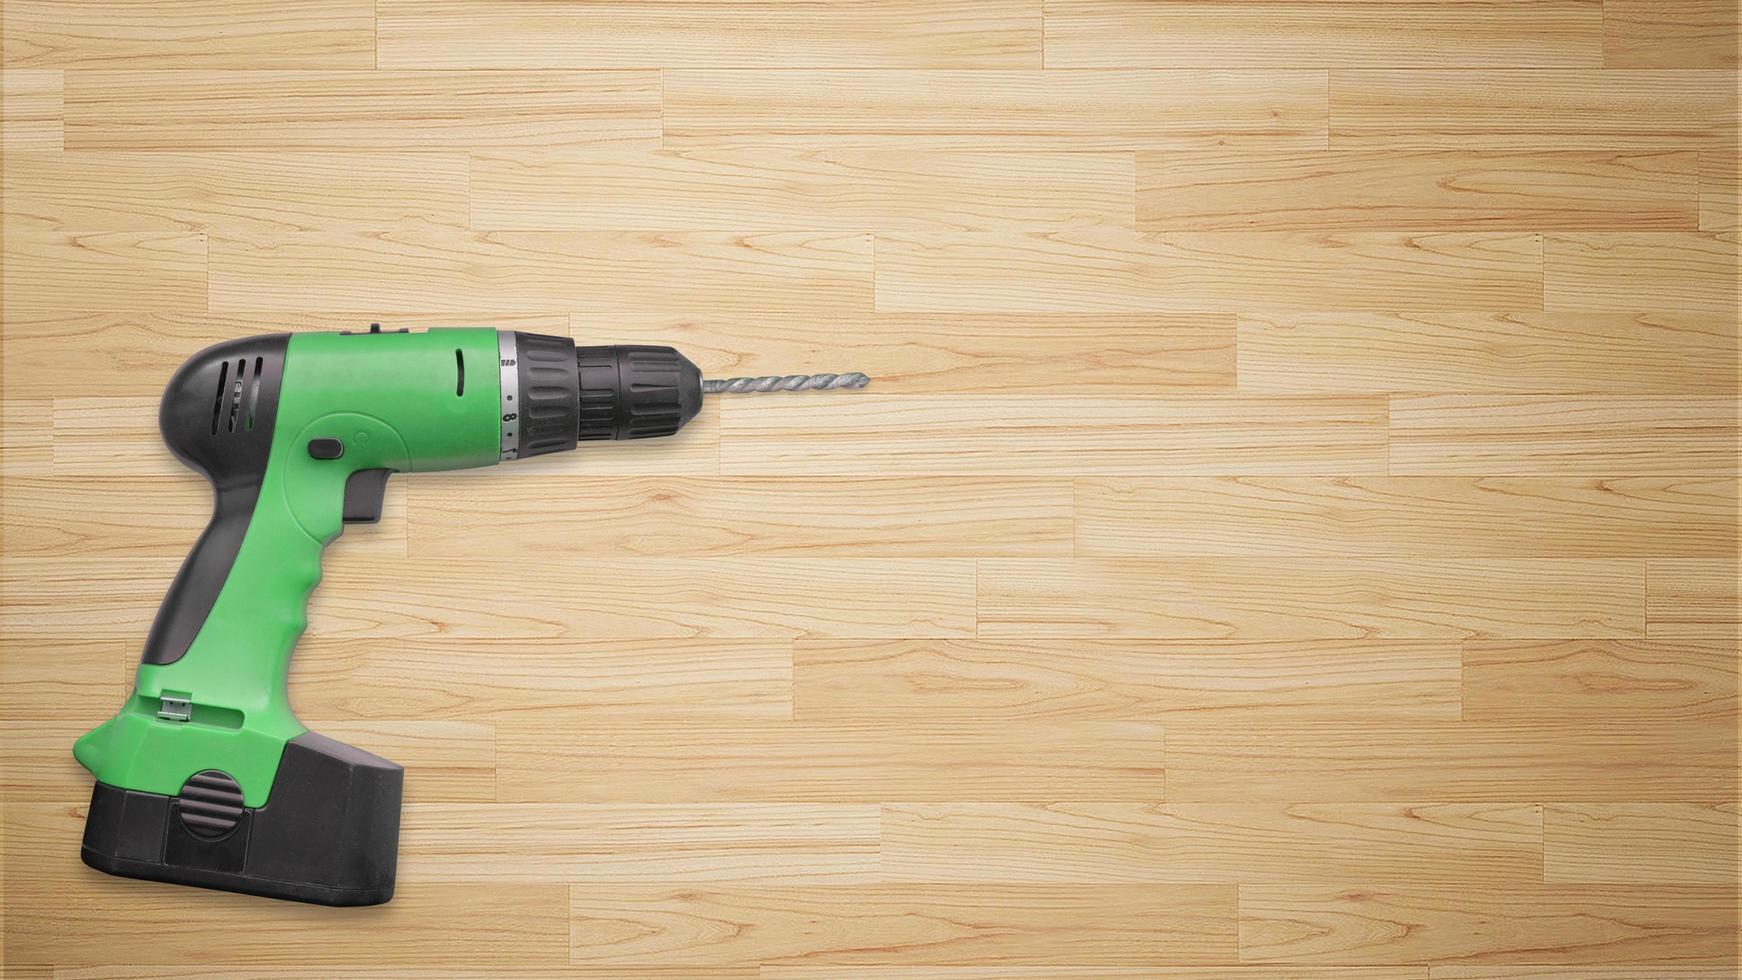 borrmaskin på träbakgrund foto